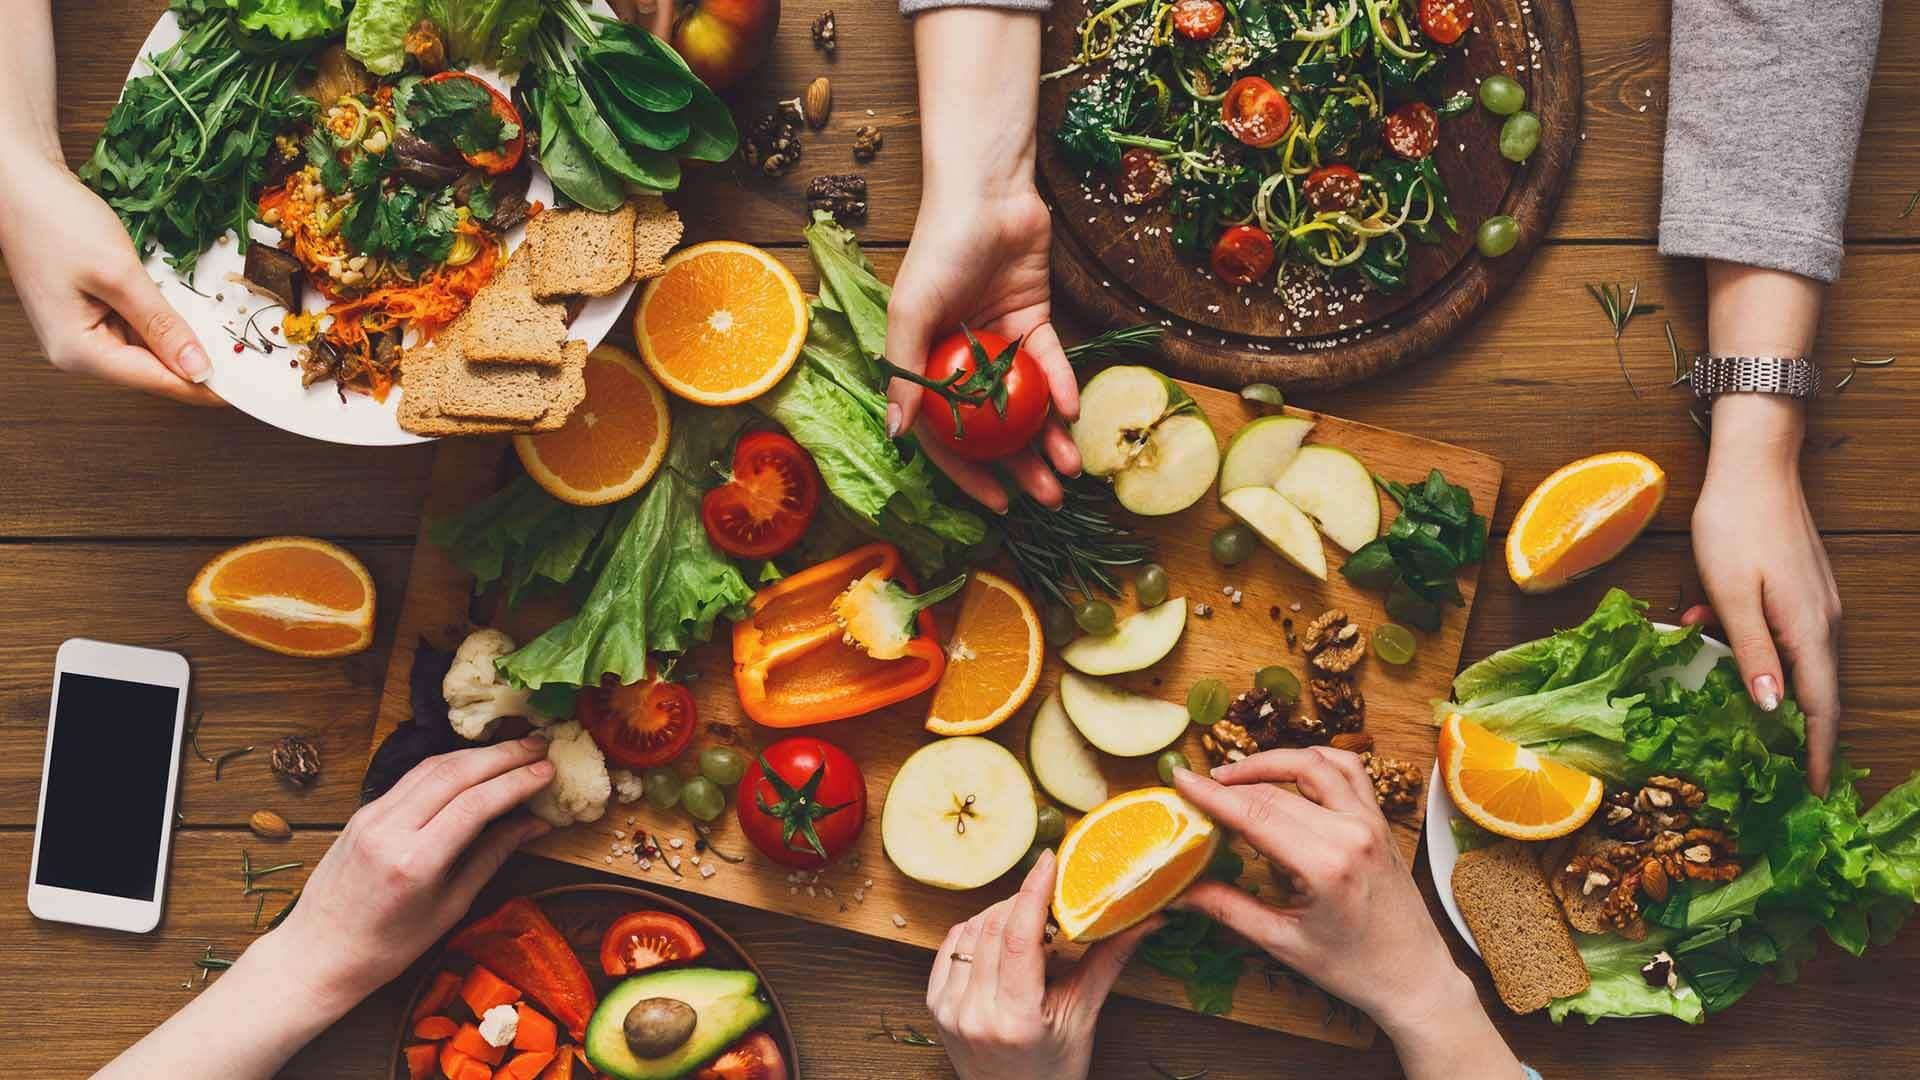 Winter Season Regime- Lifestyle & Food Habits